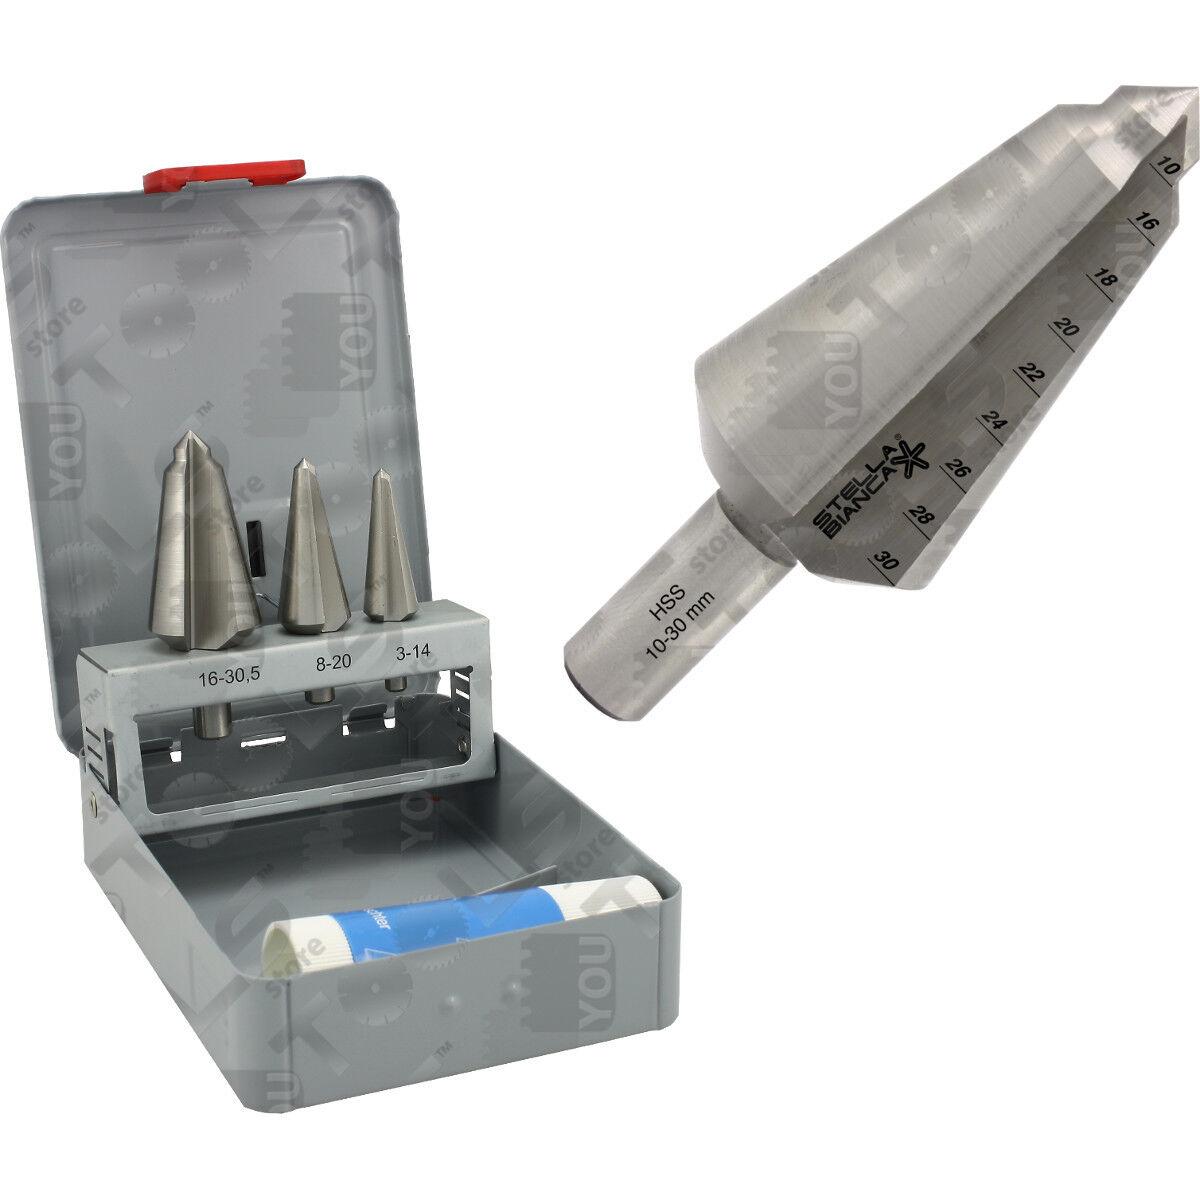 Allargafori tradizionali - per allargare fori su metallo, ferro, inox, acciaio